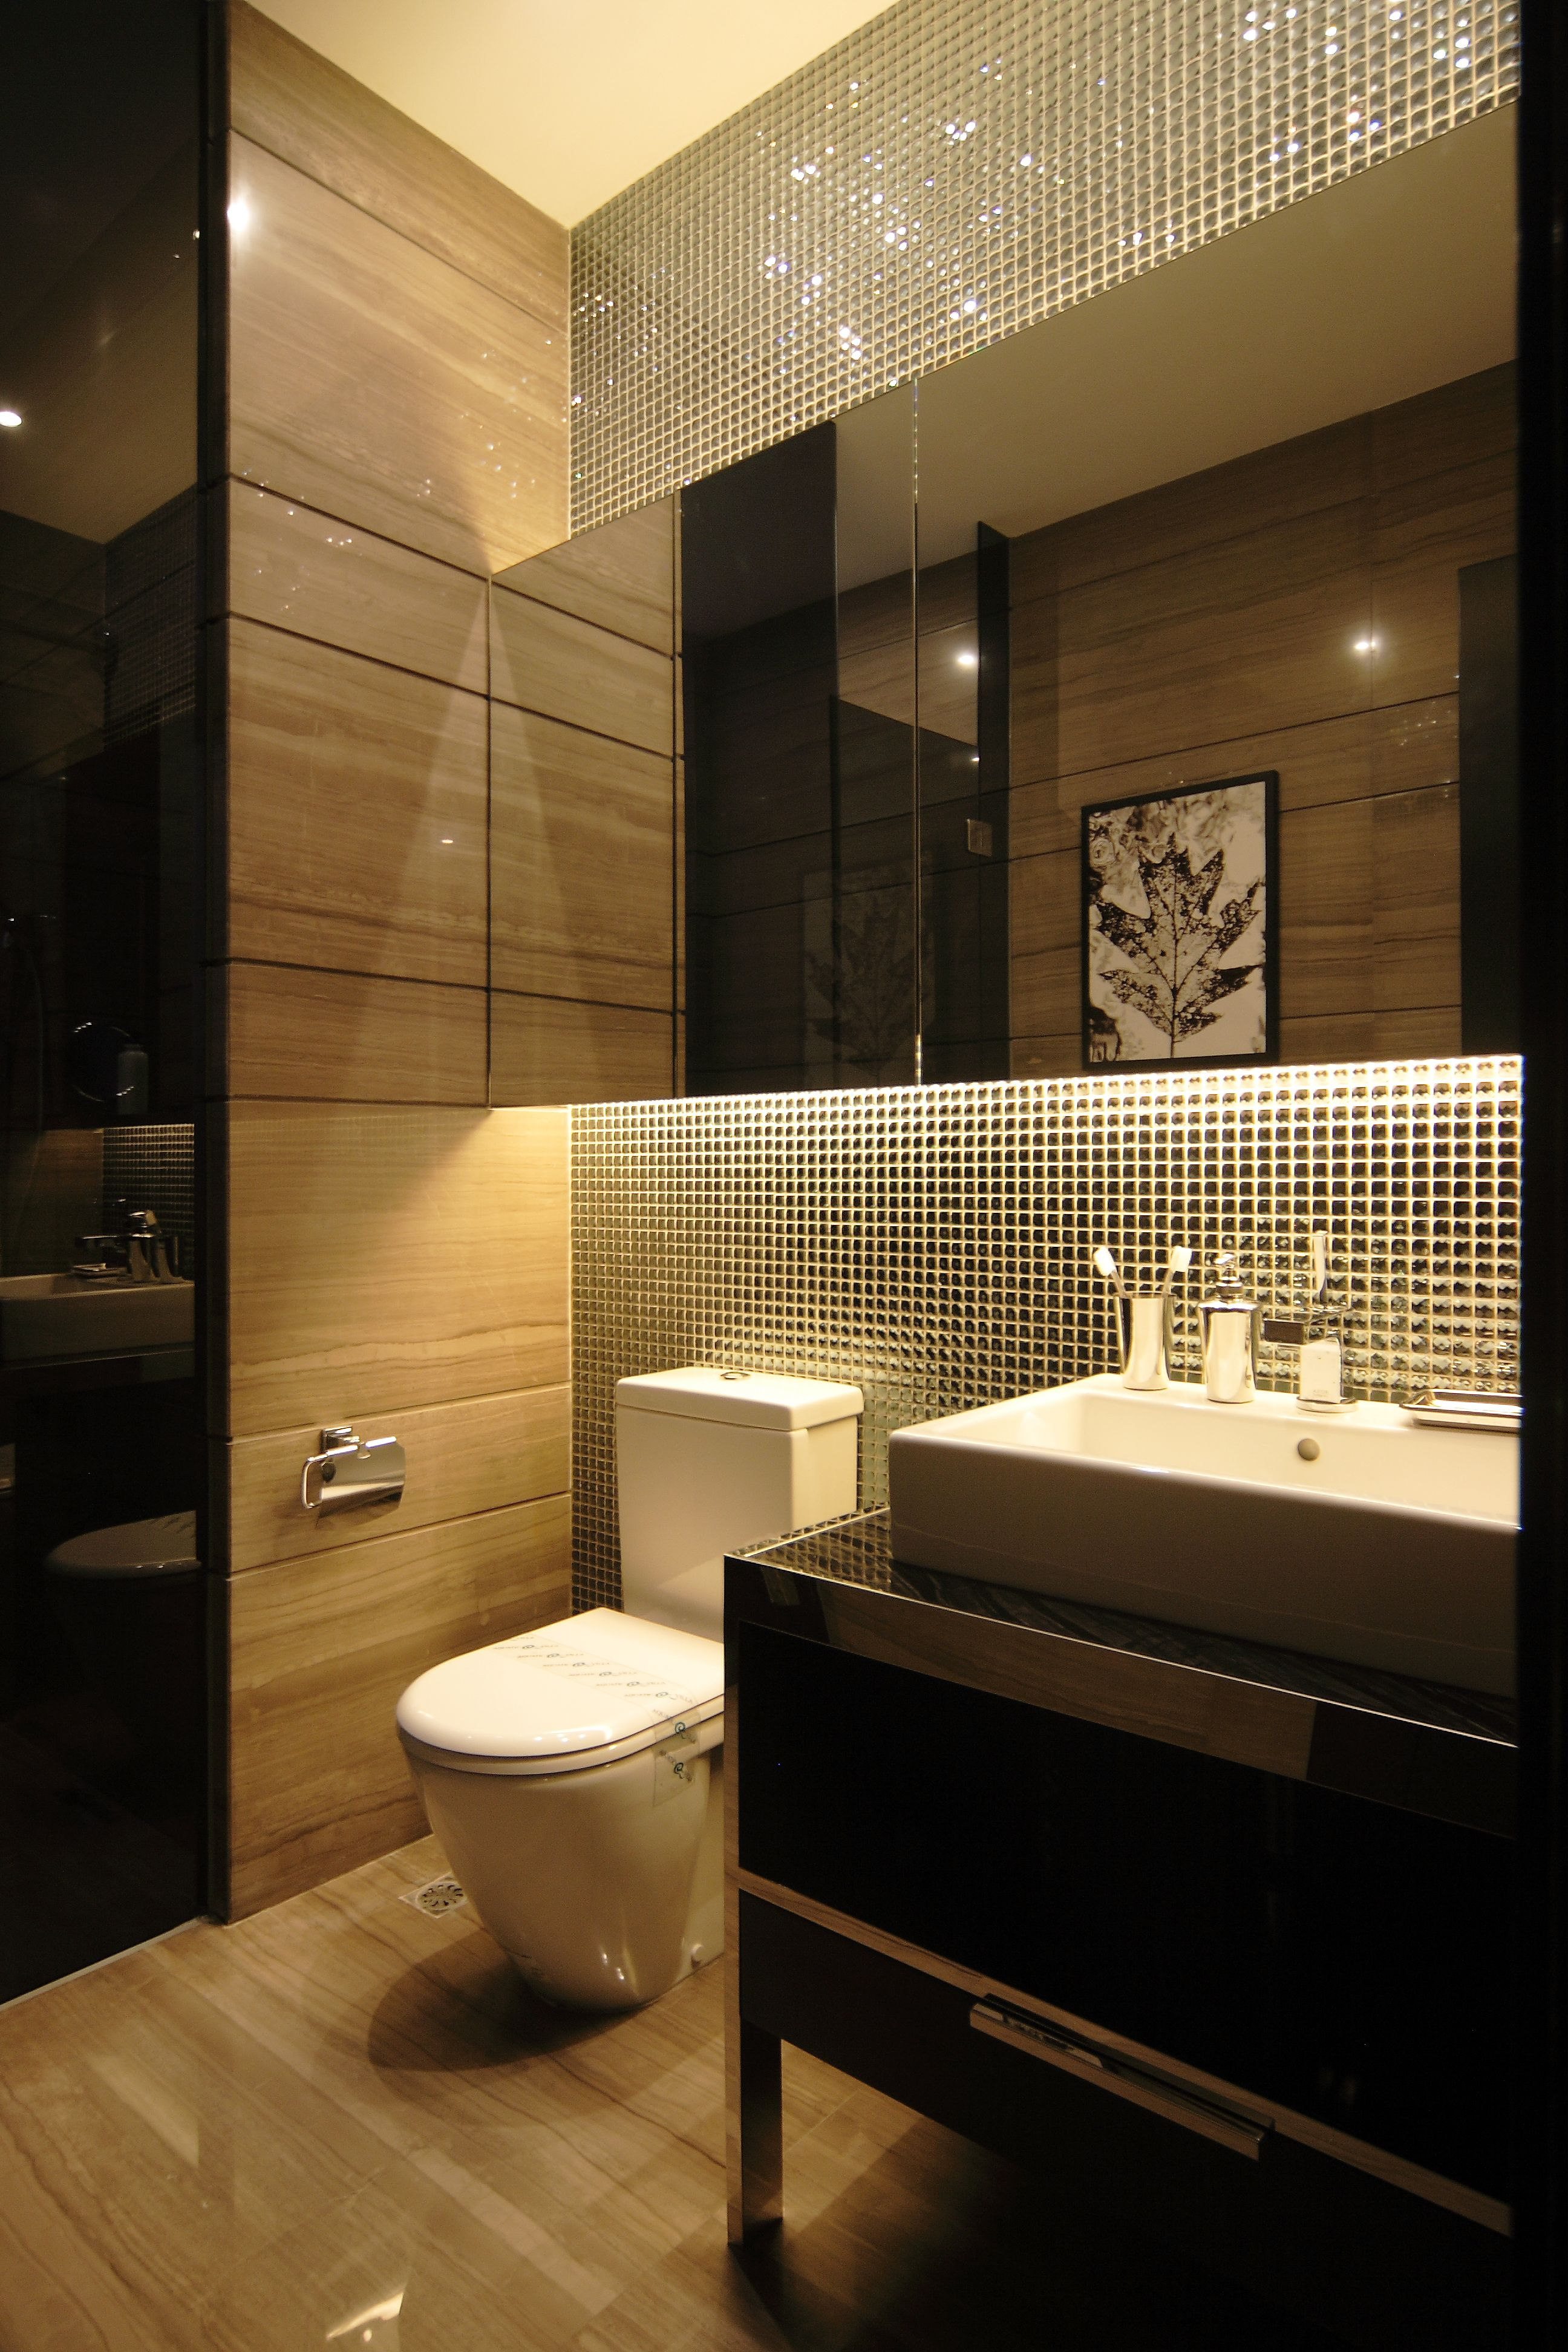 Best bathroom interior cedbdbfaaddfdg   home u decor